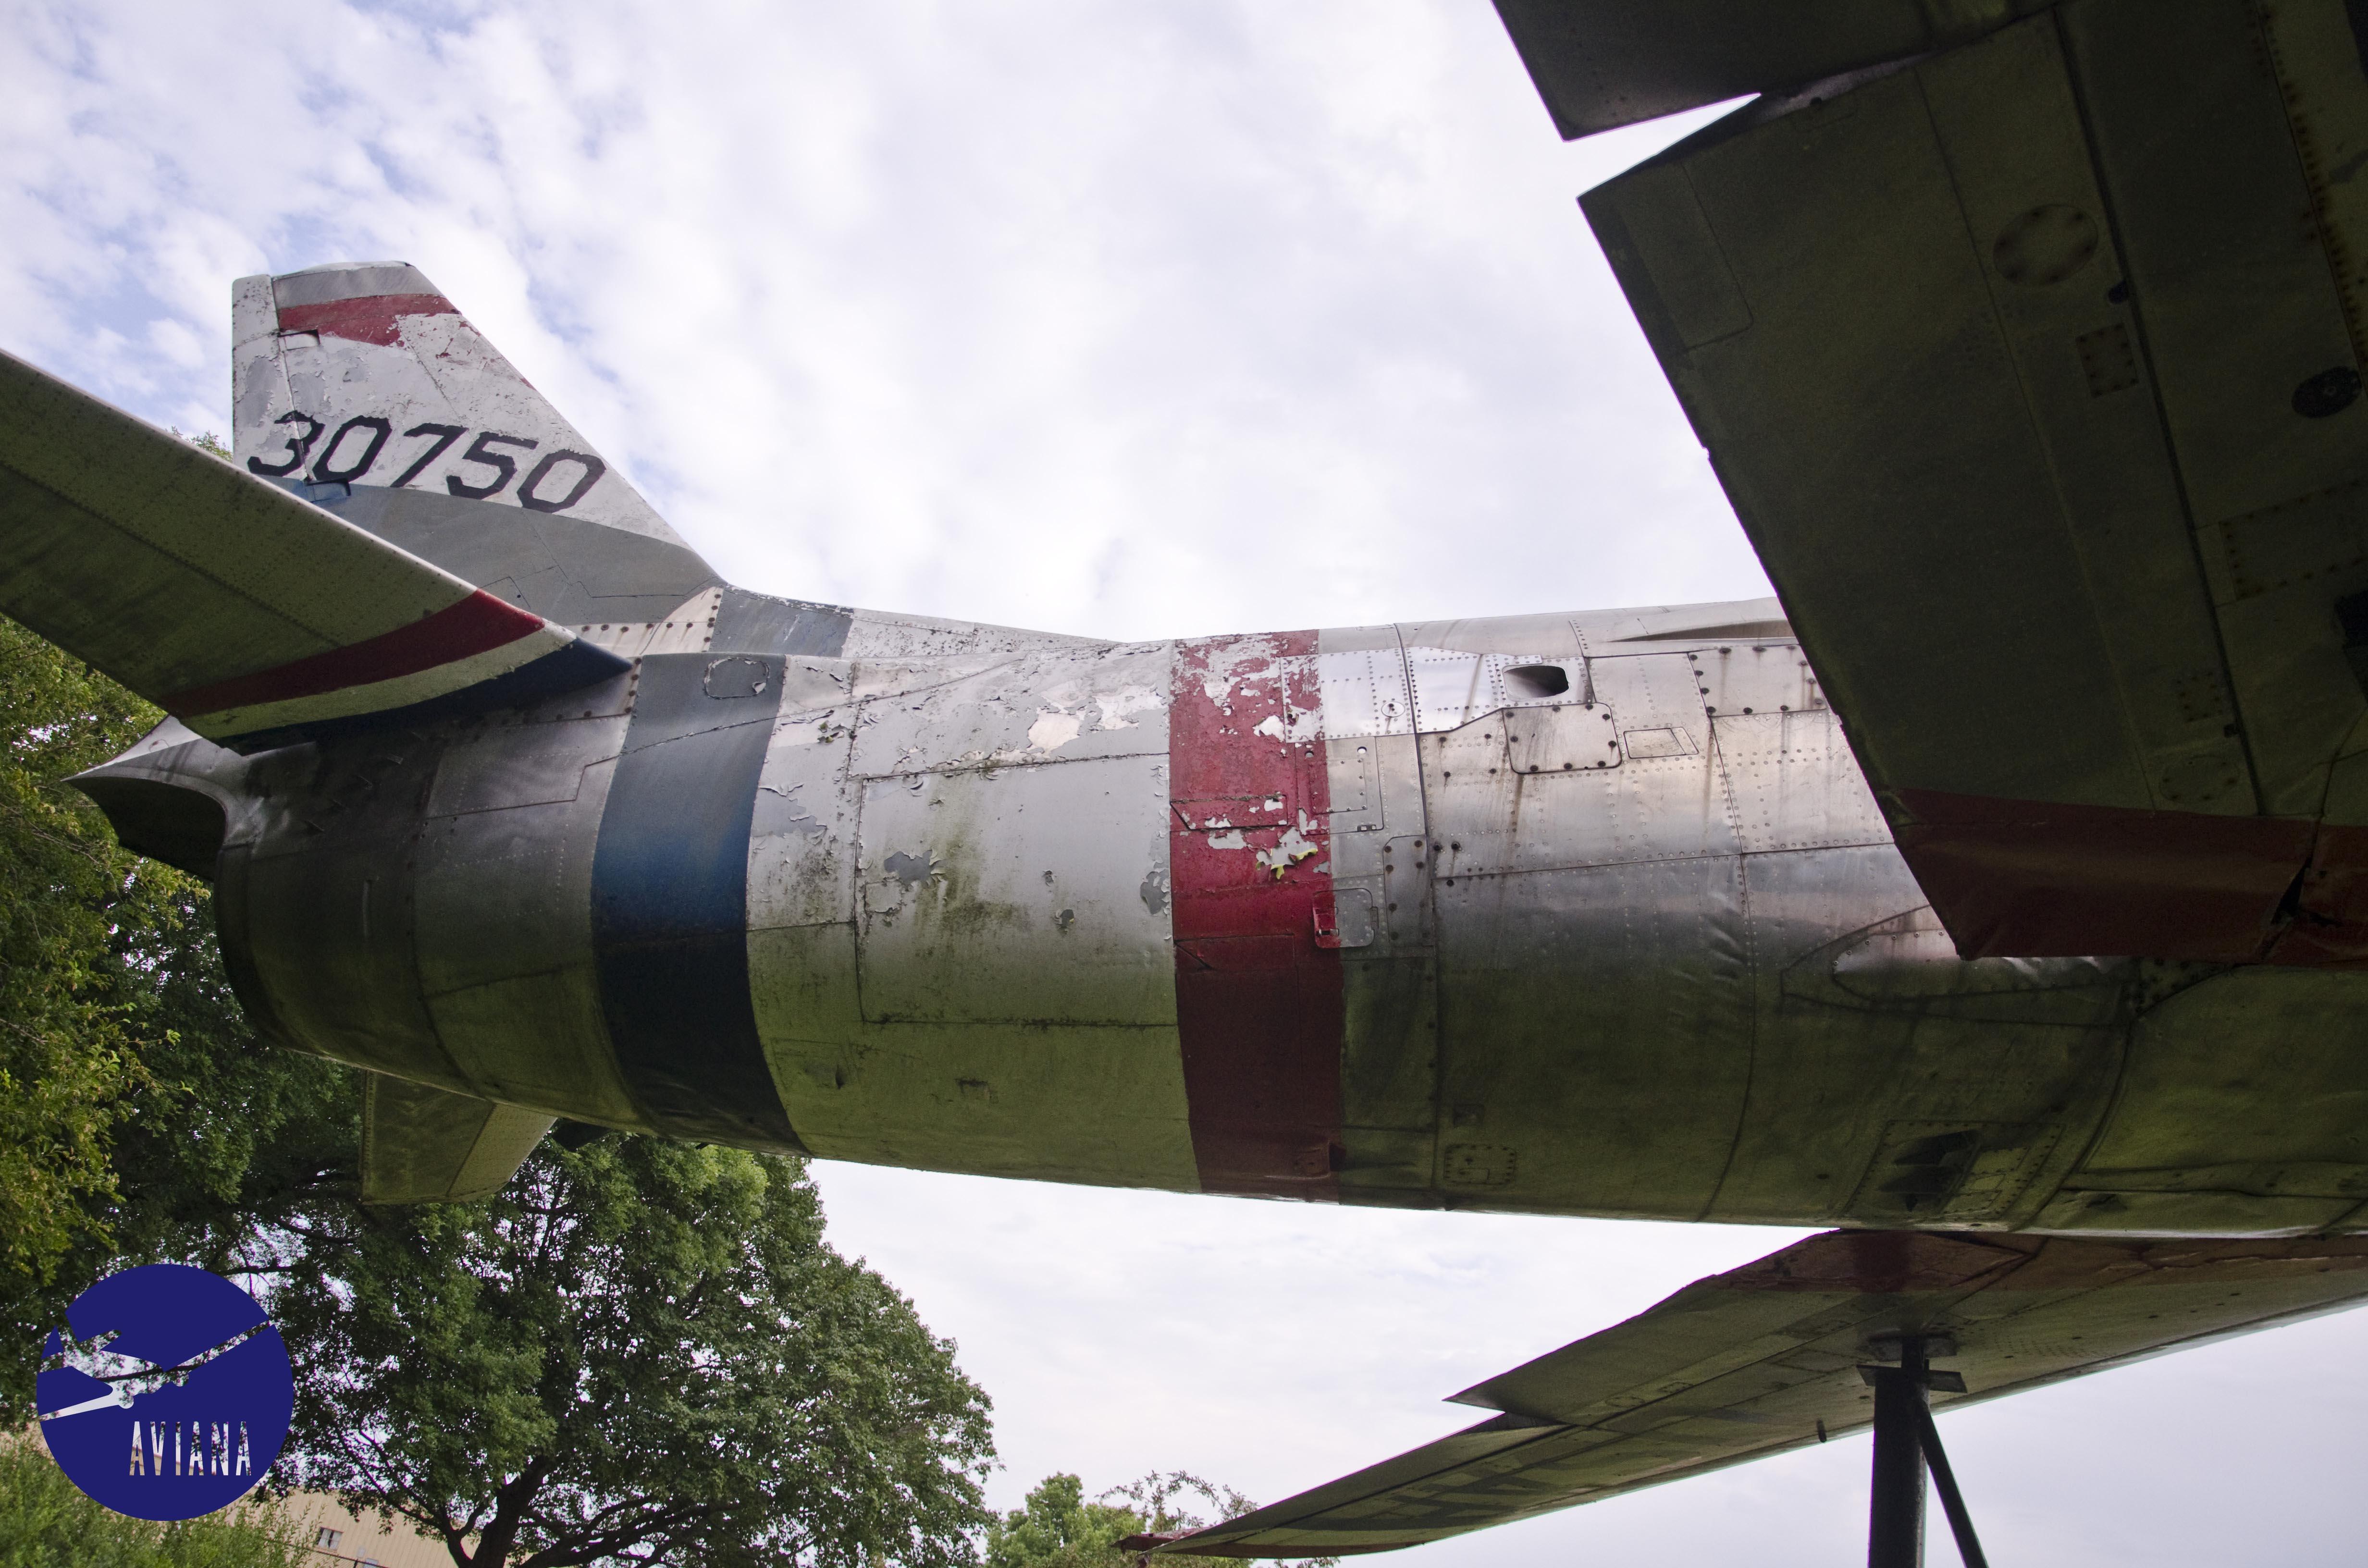 F 86l Display Fighter Jet Restoration At The Iowa City